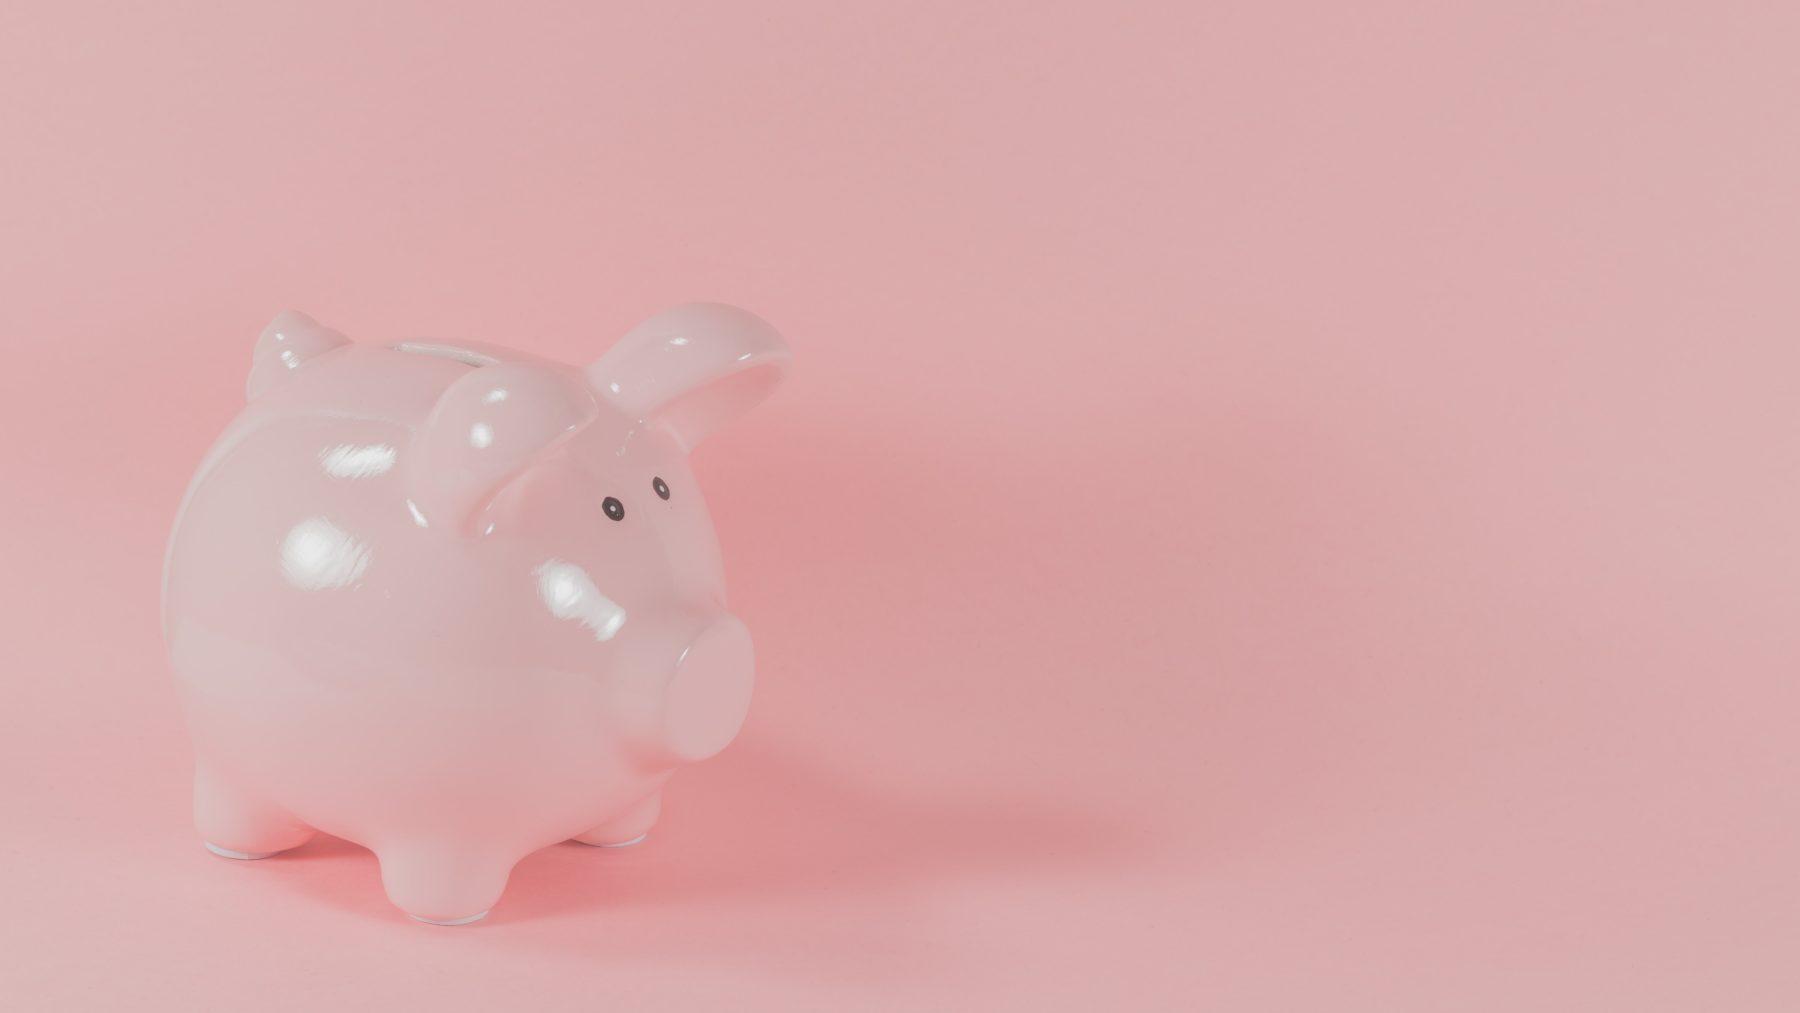 Plannen prinsjesdag gelekt: economie groeit iets meer dan gedacht